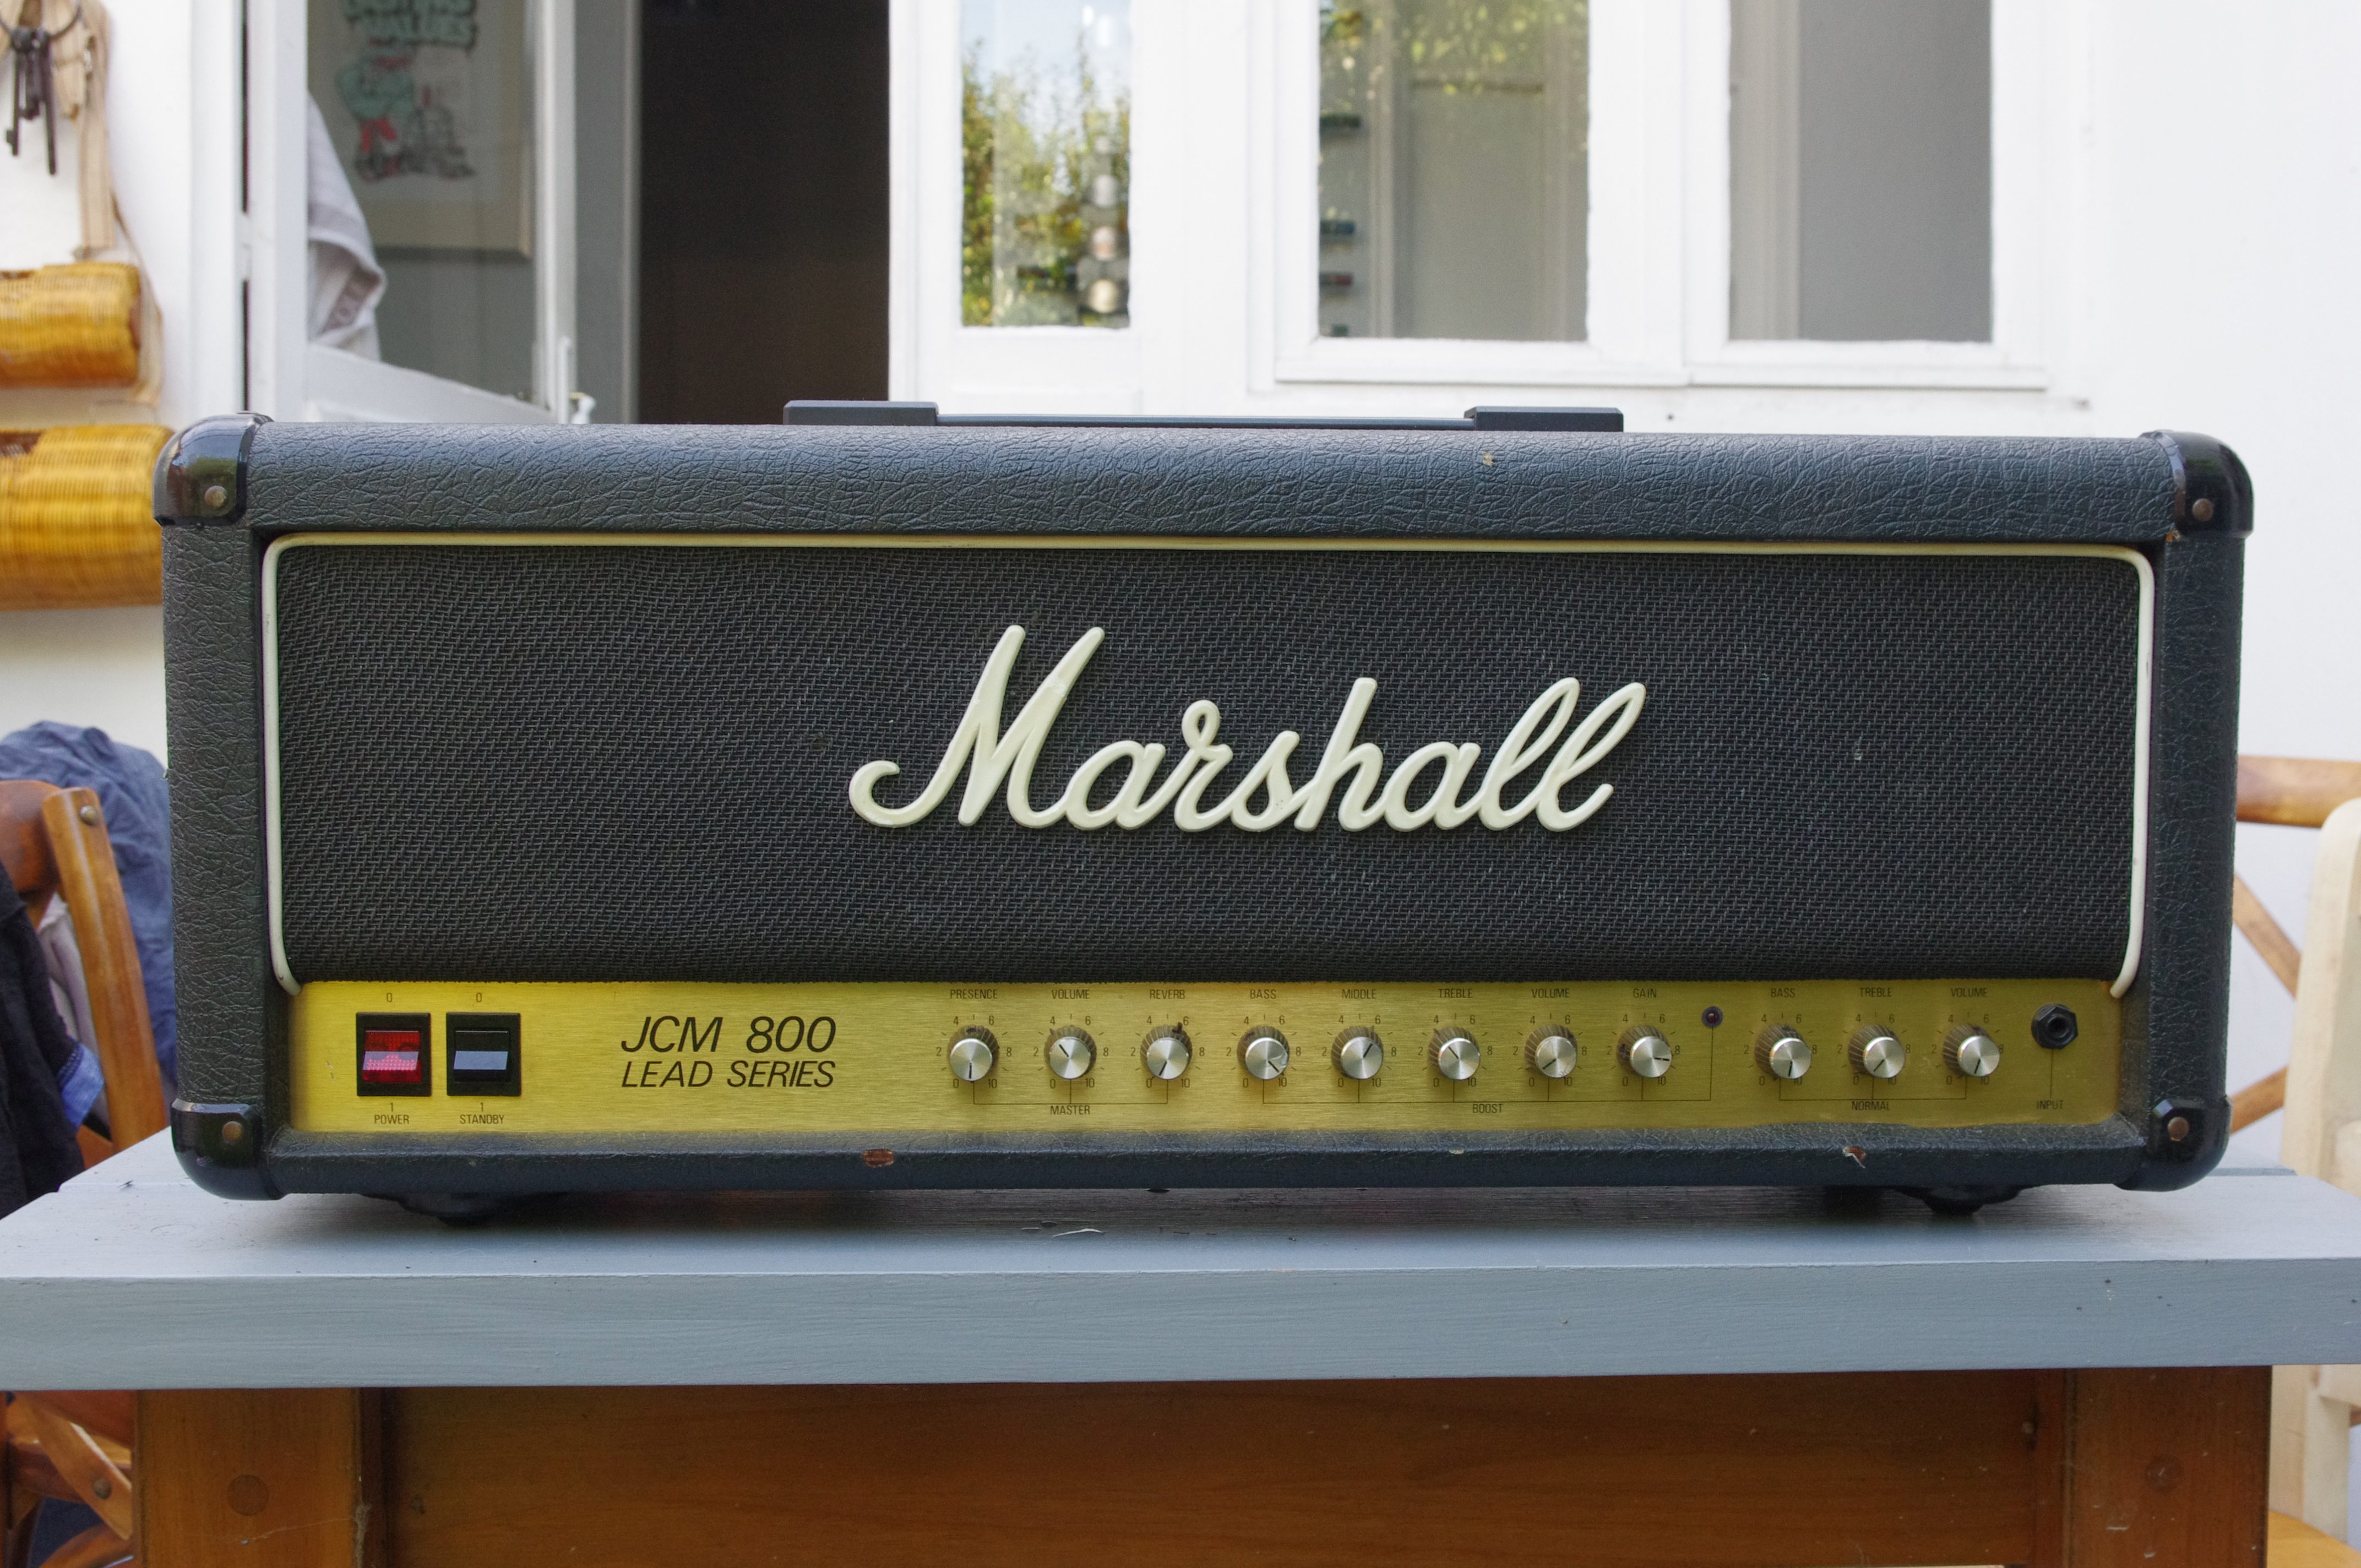 marshall 2205 jcm800 split channel reverb 1982 1989 image 706809 audiofanzine. Black Bedroom Furniture Sets. Home Design Ideas